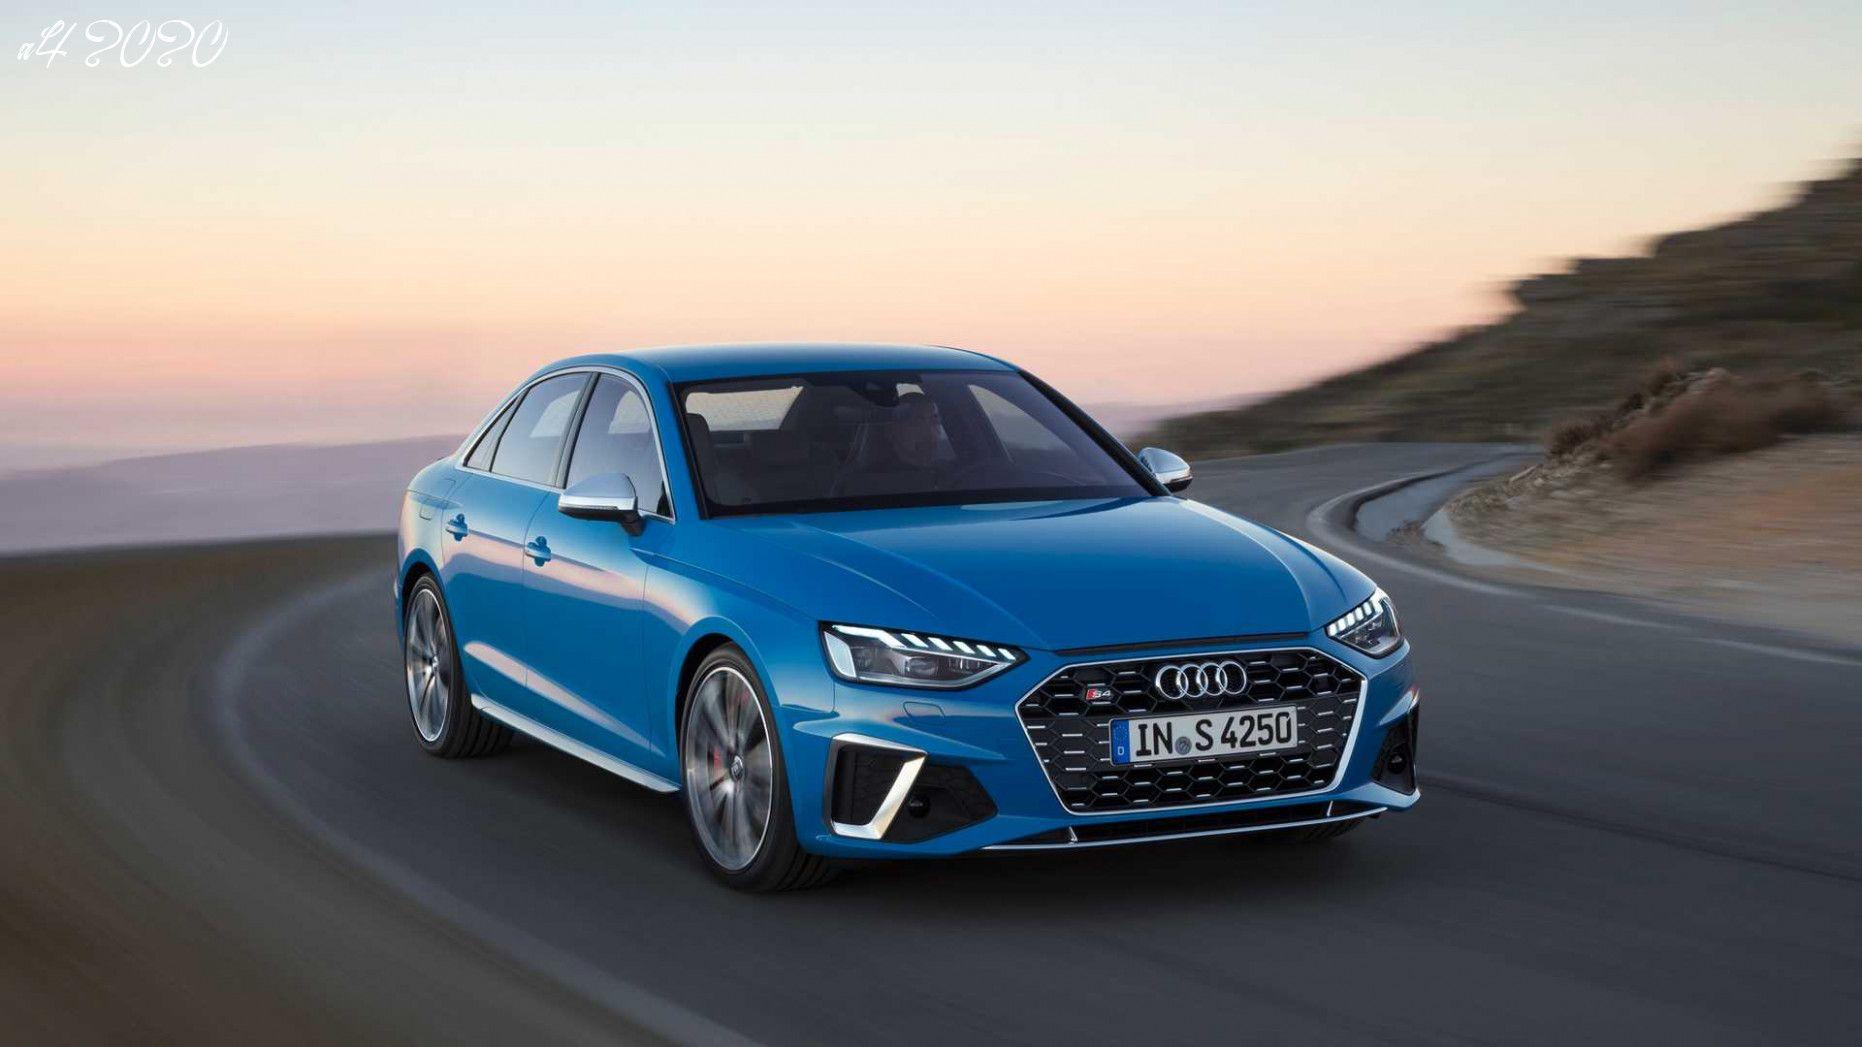 A4 2020 In 2020 Audi S4 Audi Car Lease